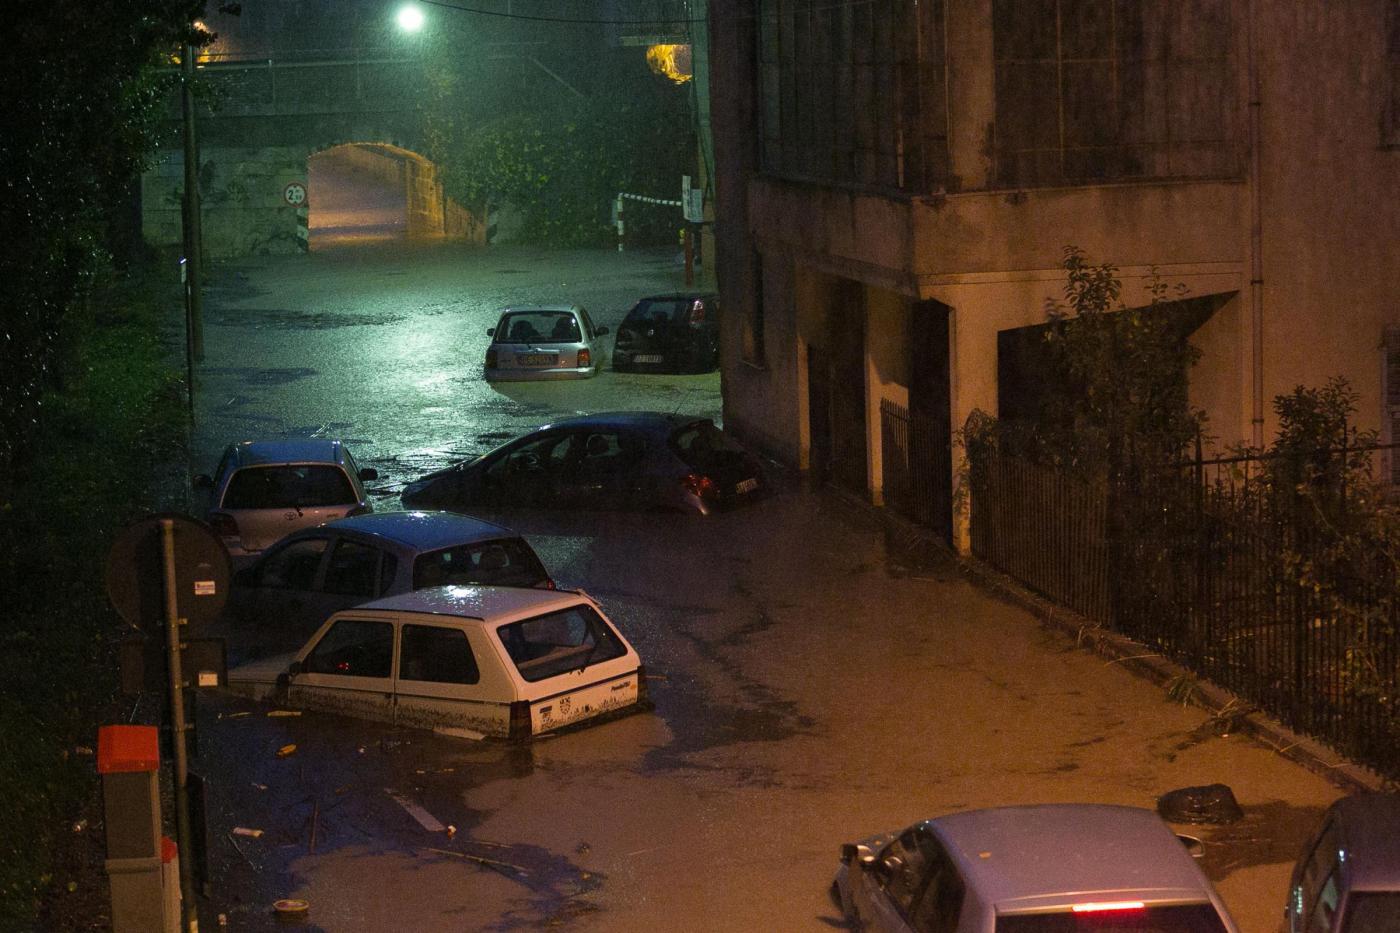 Maltempo in Liguria e Piemonte: la paura non si placa